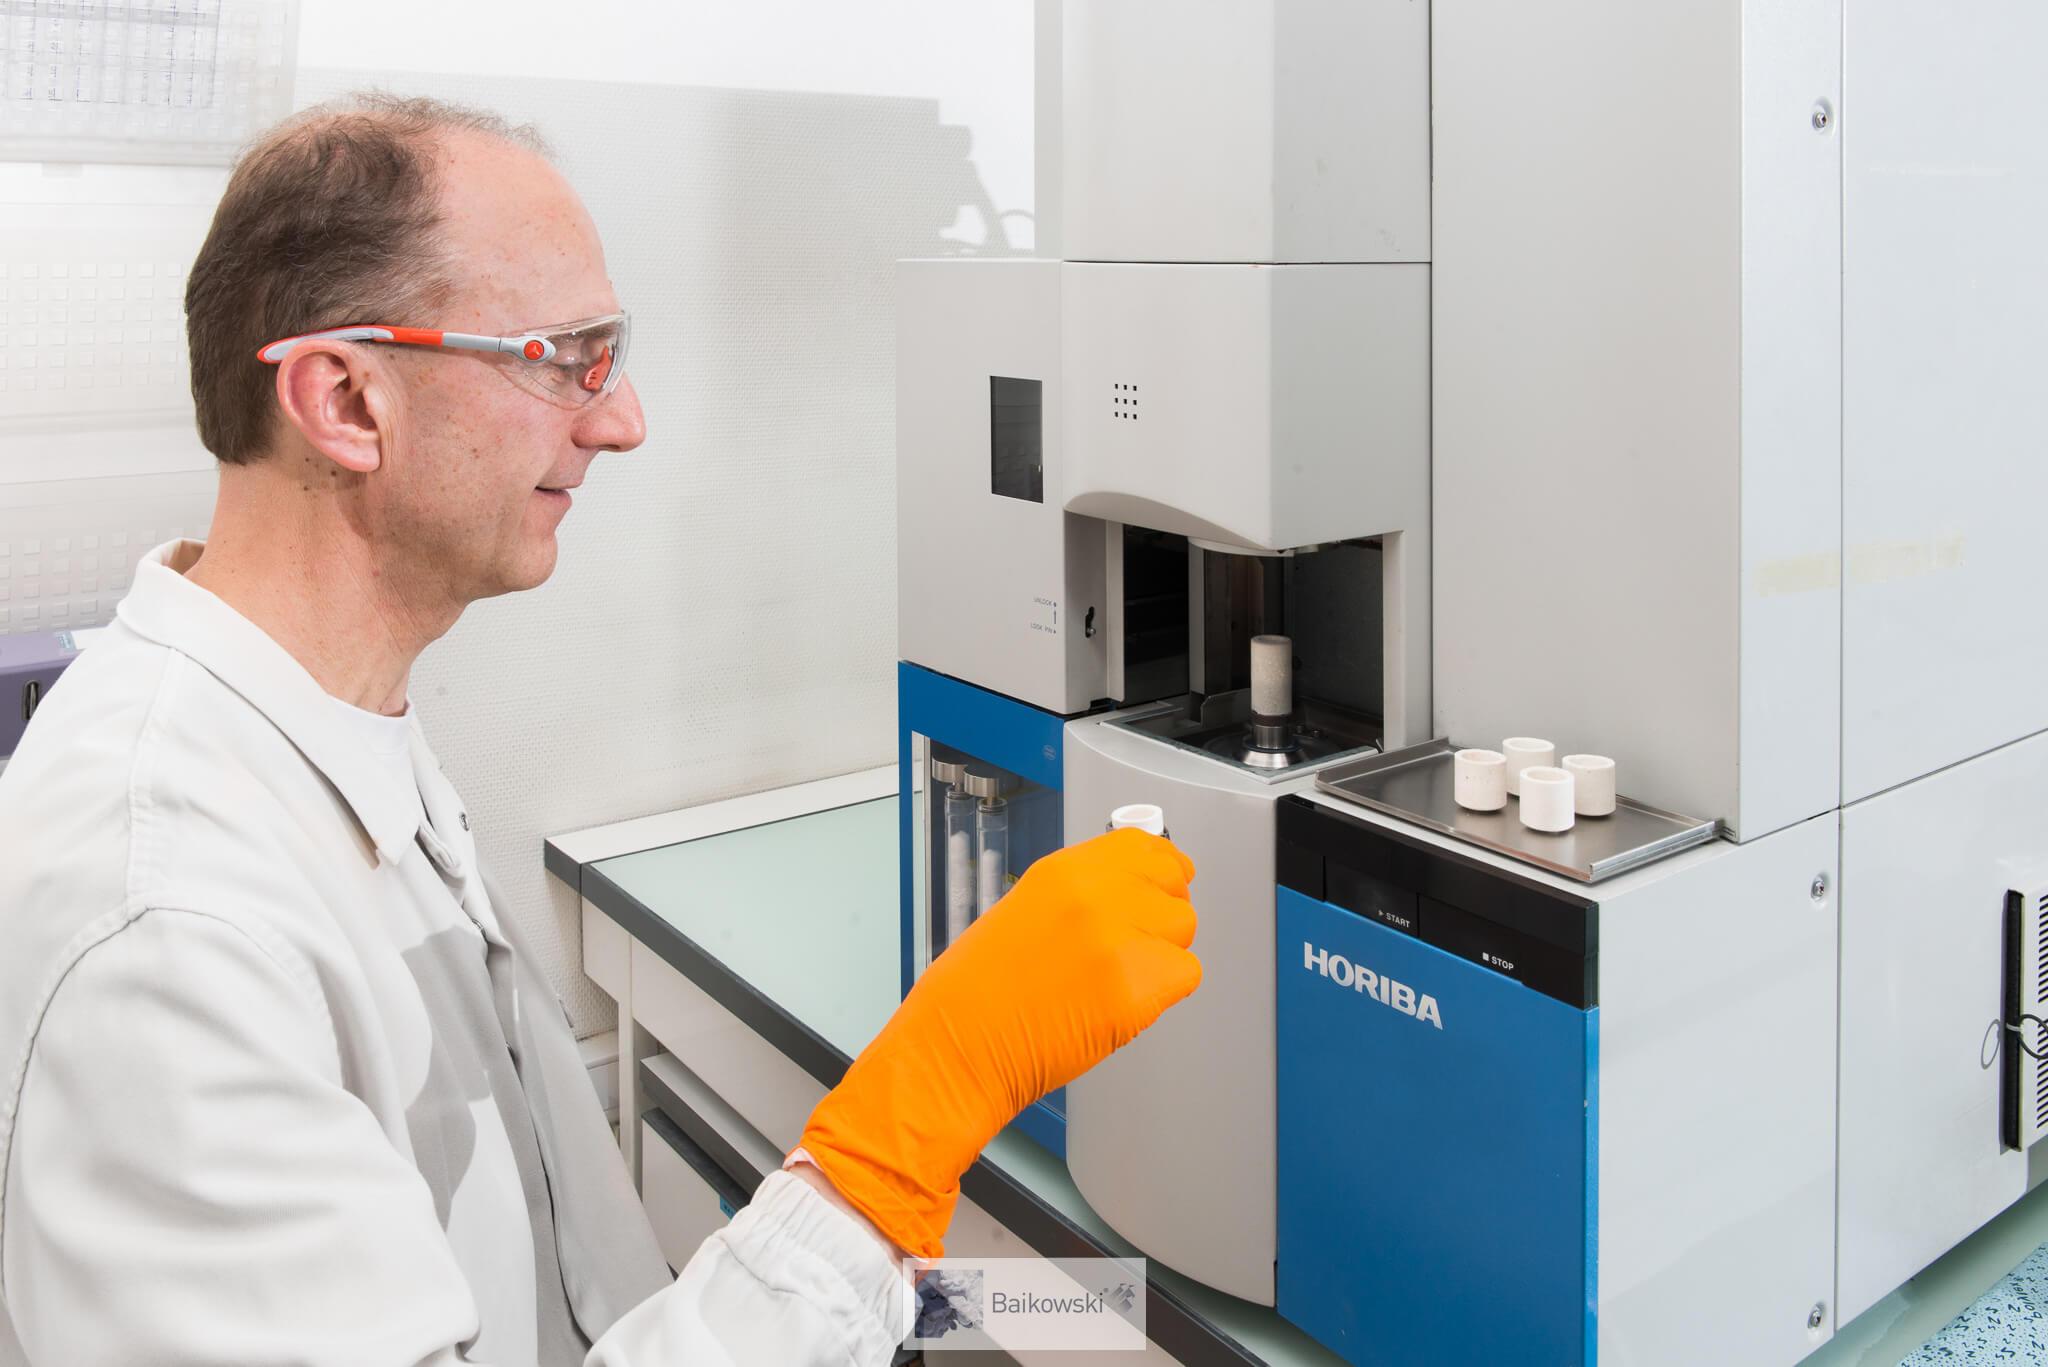 Analyses chimiques Horiba en laboratoire chez Baikowski